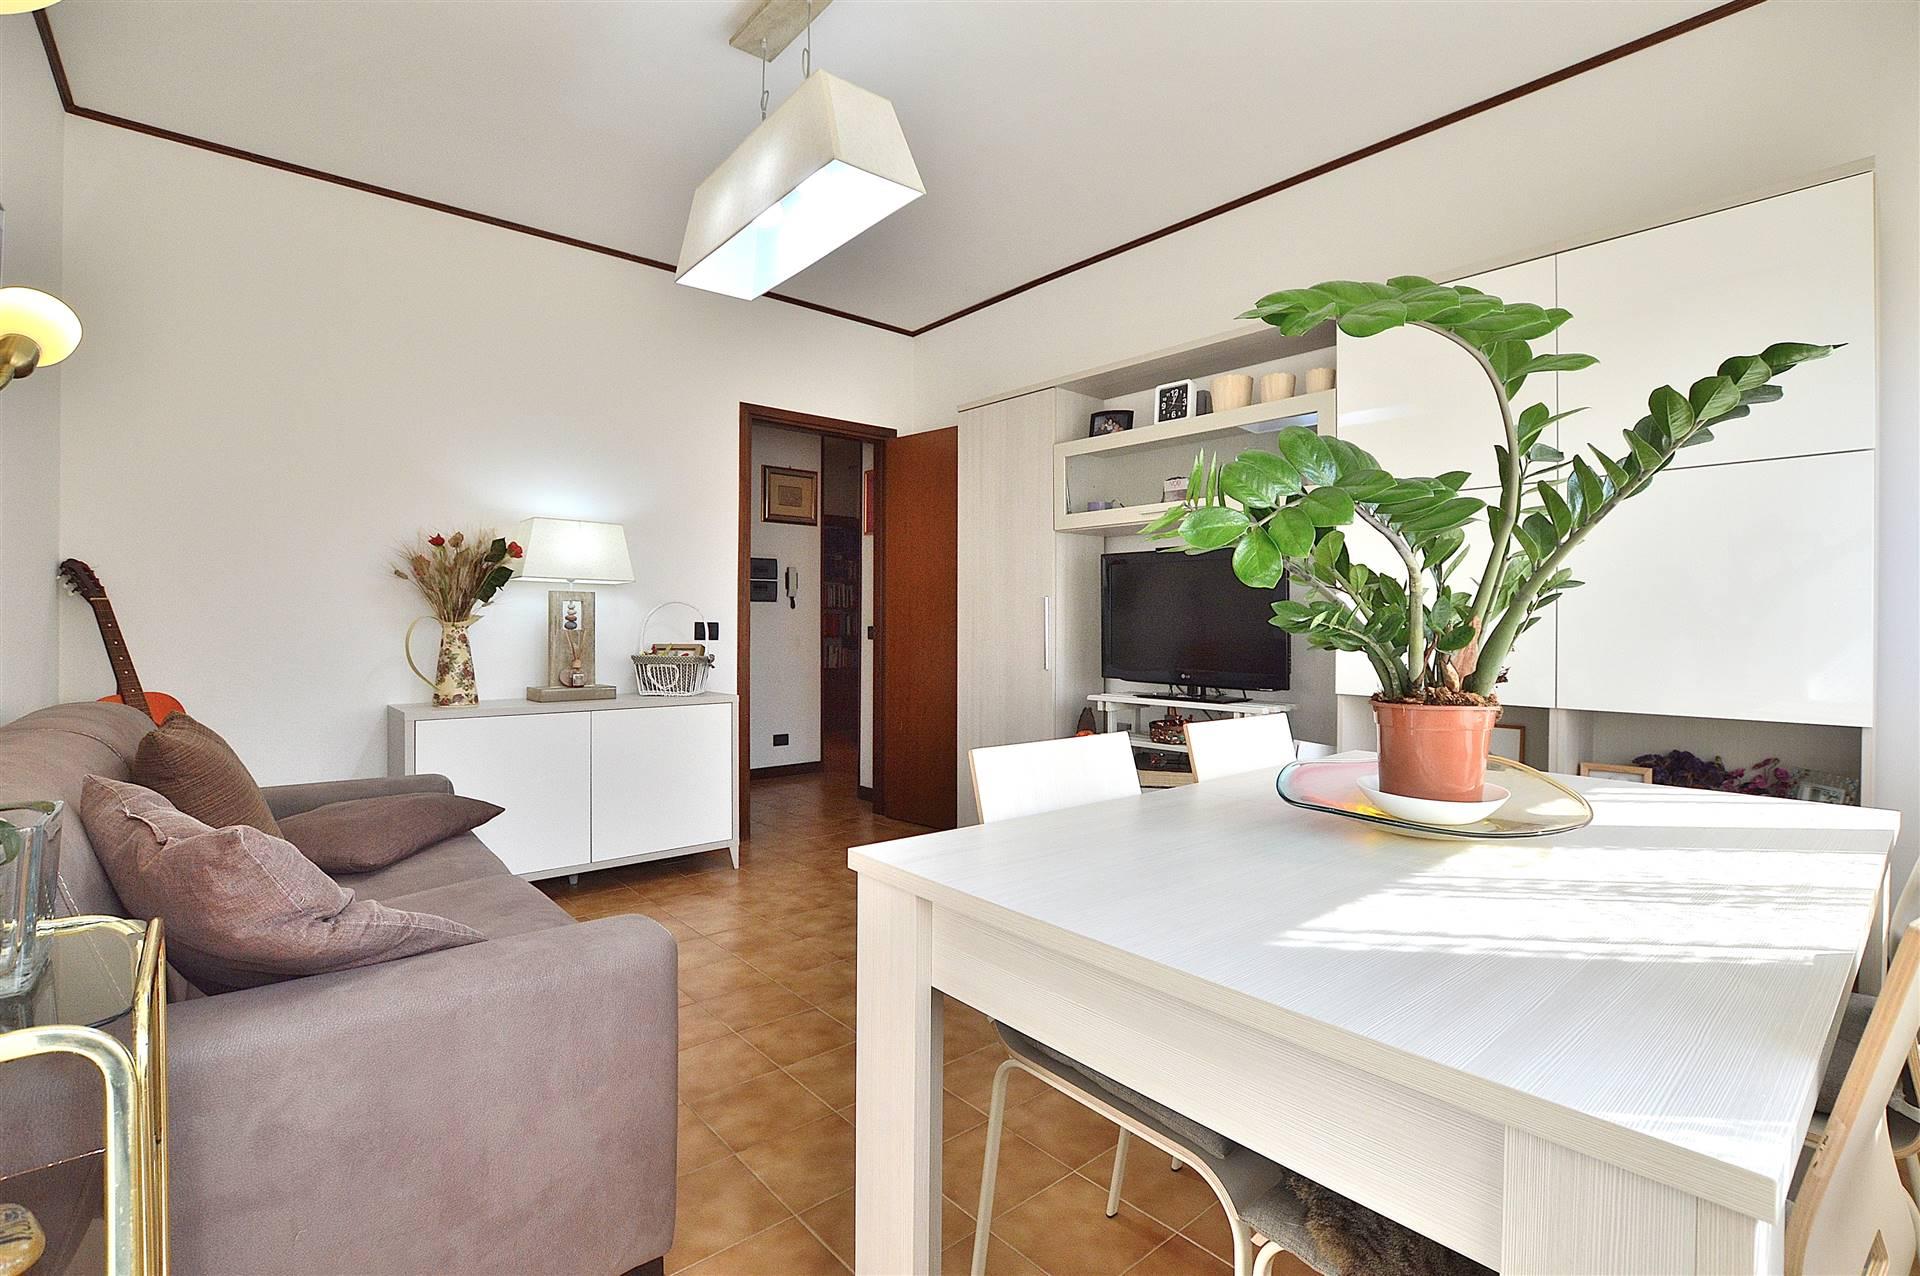 Ponte a Tressa, in piacevole e tranquillo contesto residenziale, proponiamo appartamento posto al piano primo di una piccola palazzina così composto: ingresso, ampio e luminoso soggiorno, cucina con